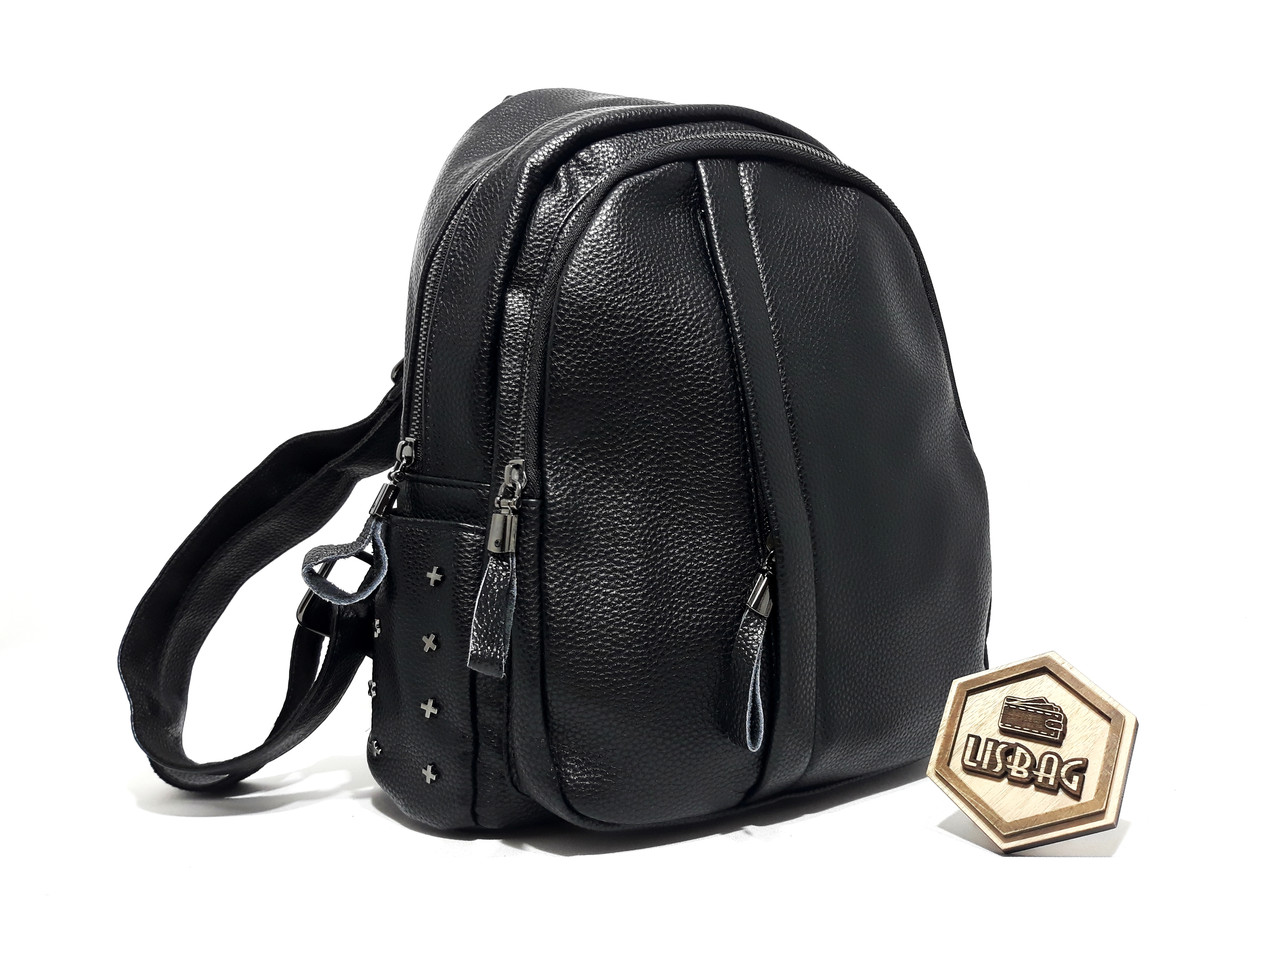 e7b91b594354 Жіночий рюкзак середнього розміру на кожен день, Чорного кольору ...